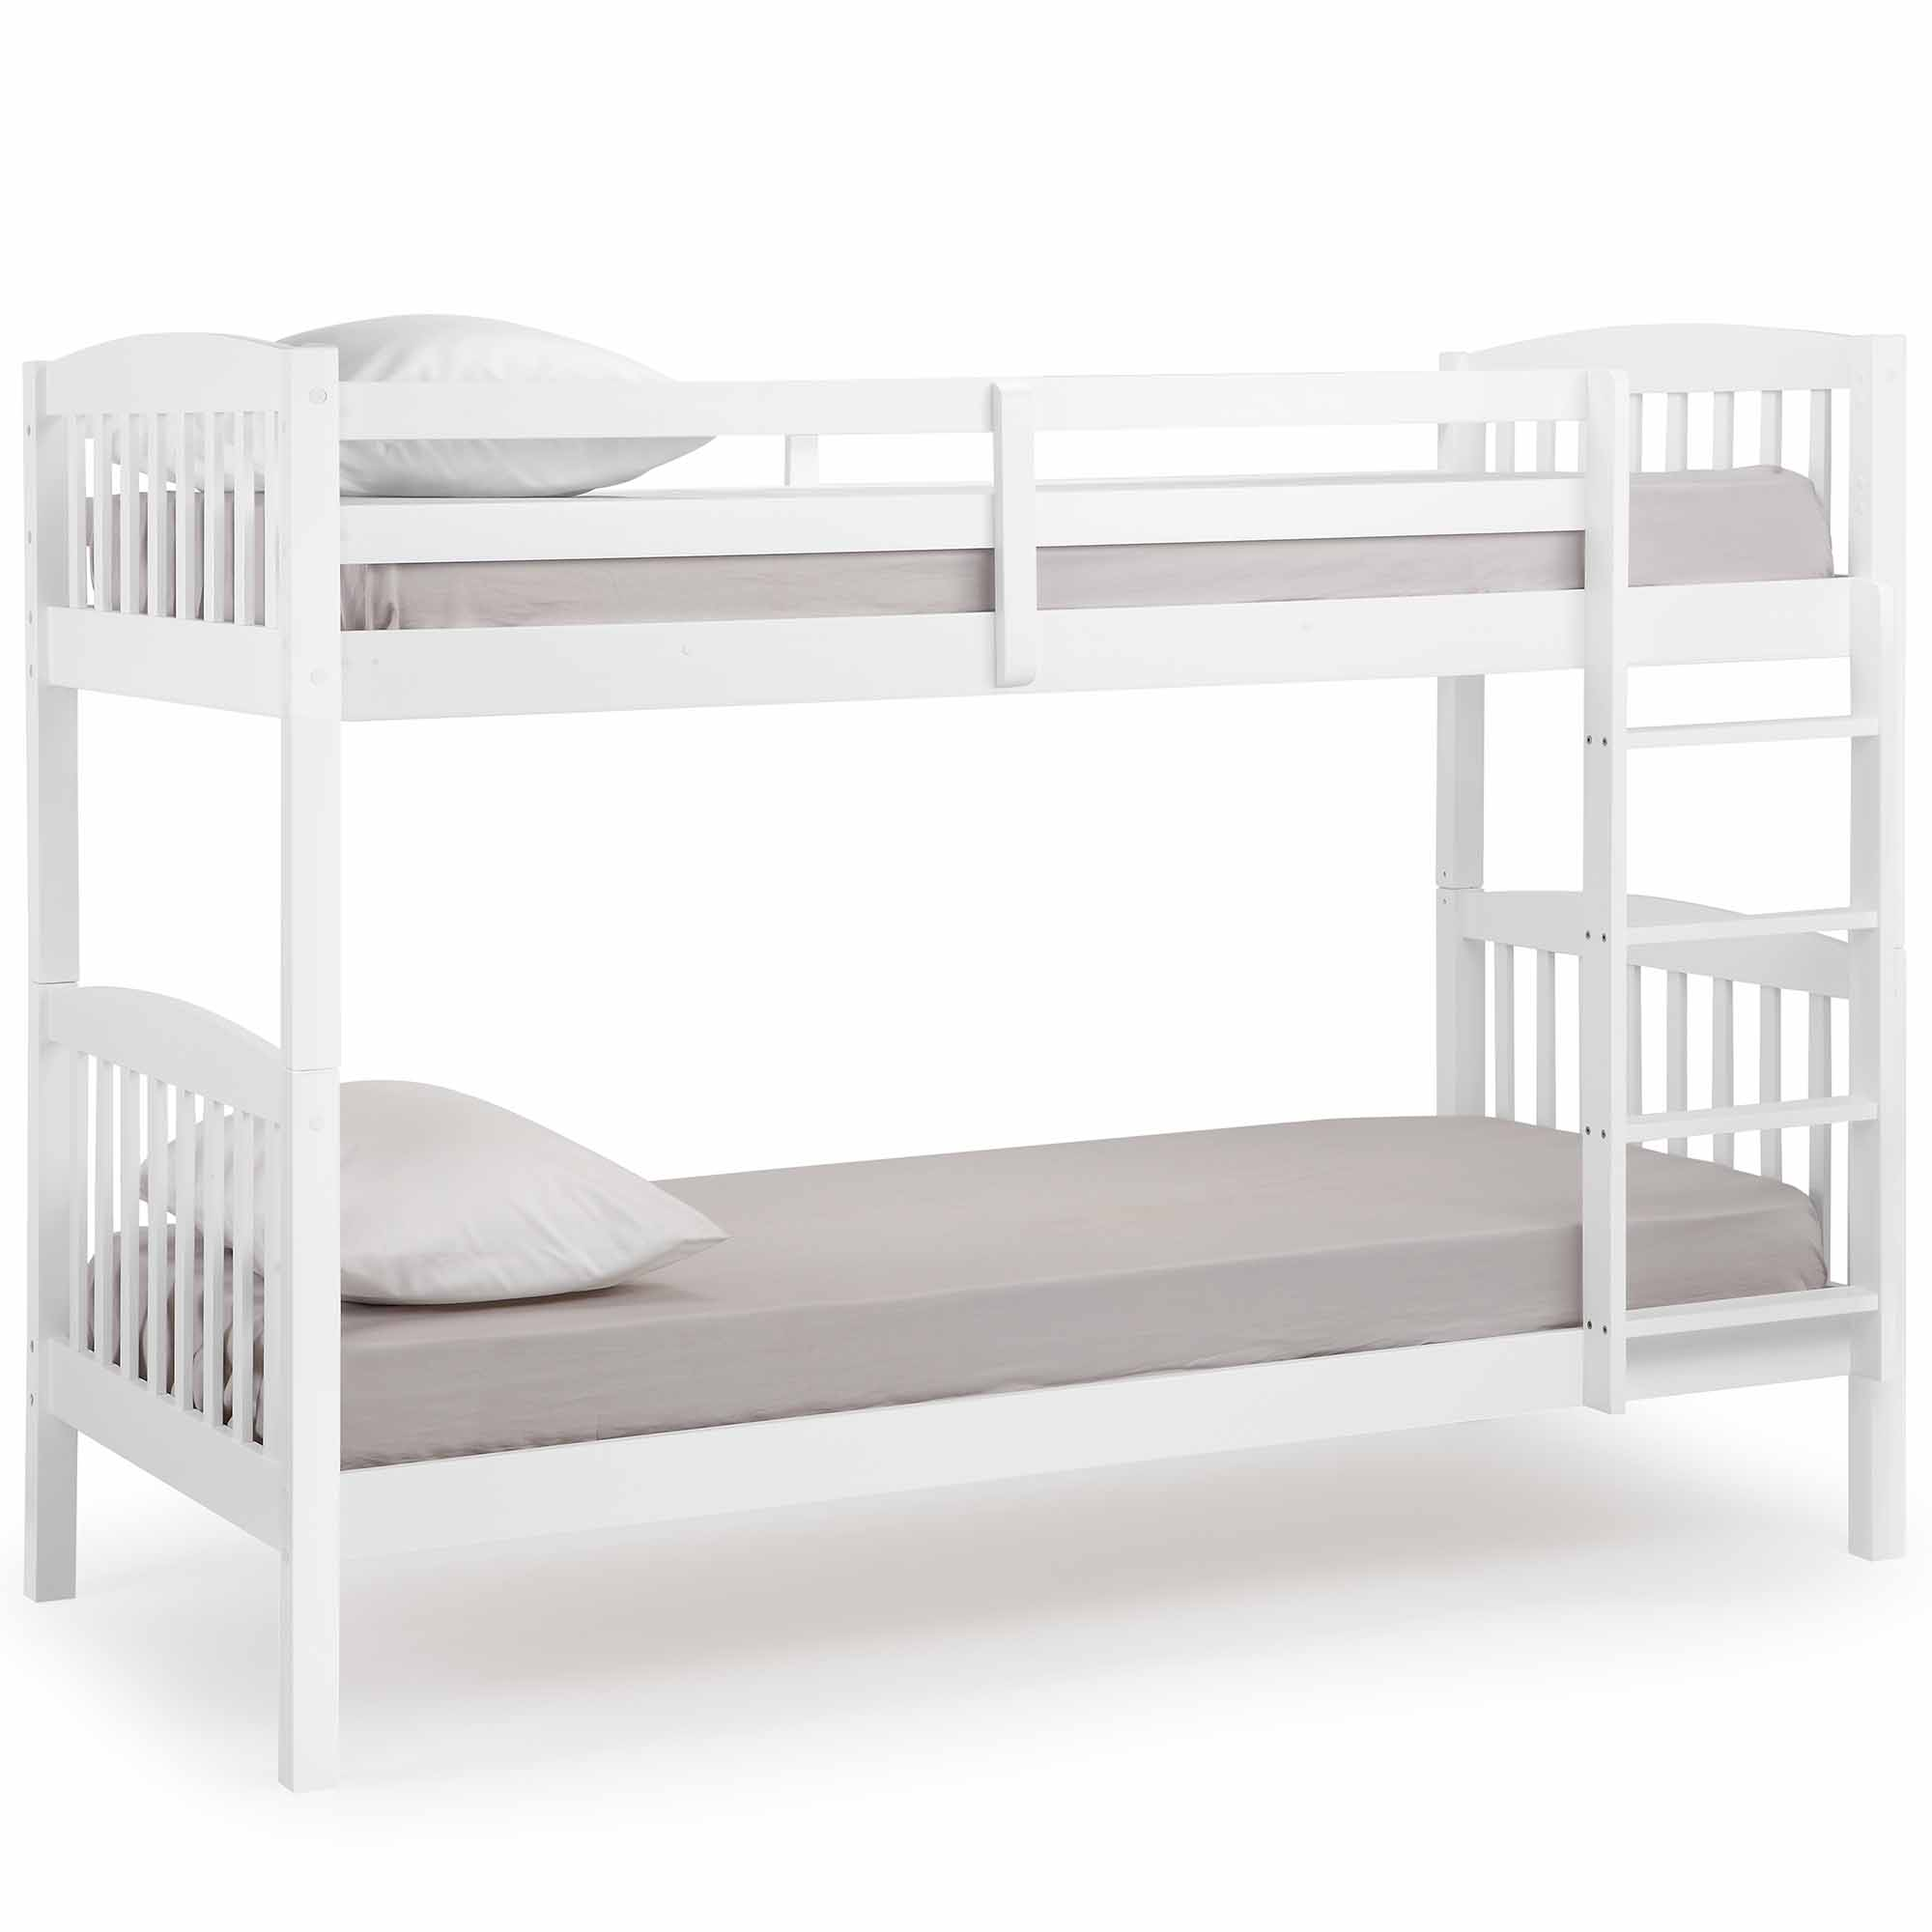 Vonhaus Pine Bunk Bed Stylish Children S Bedroom Furniture 2